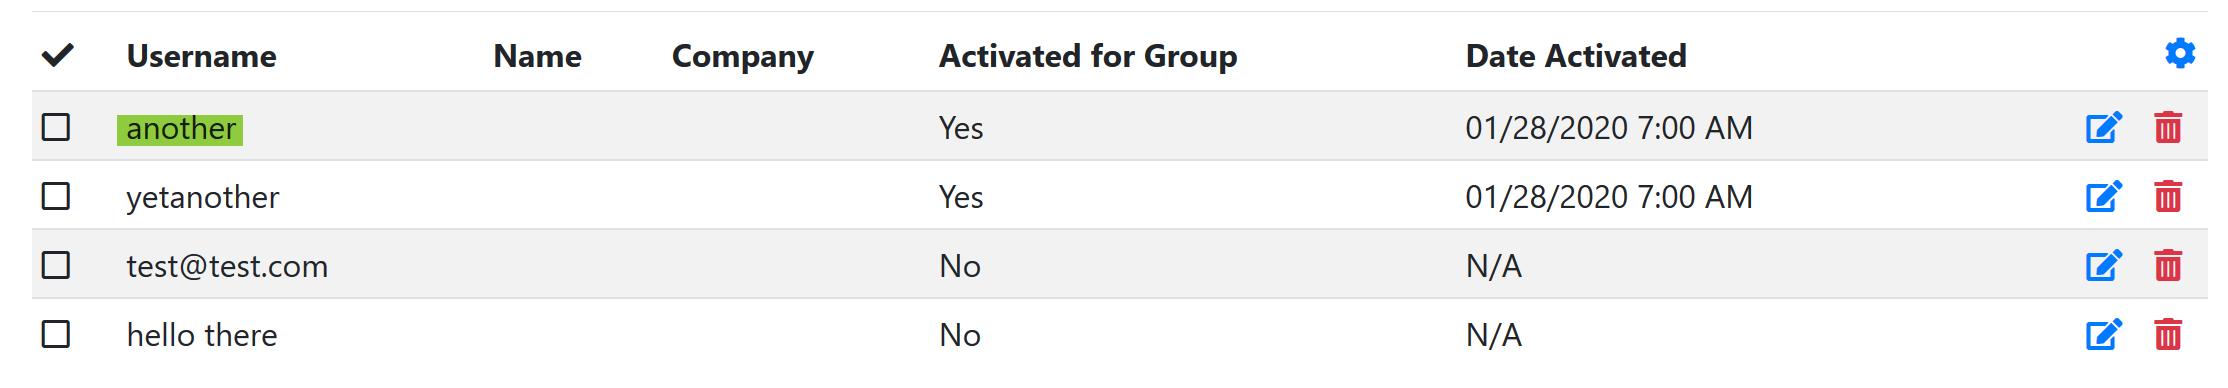 Group Members Screenshot